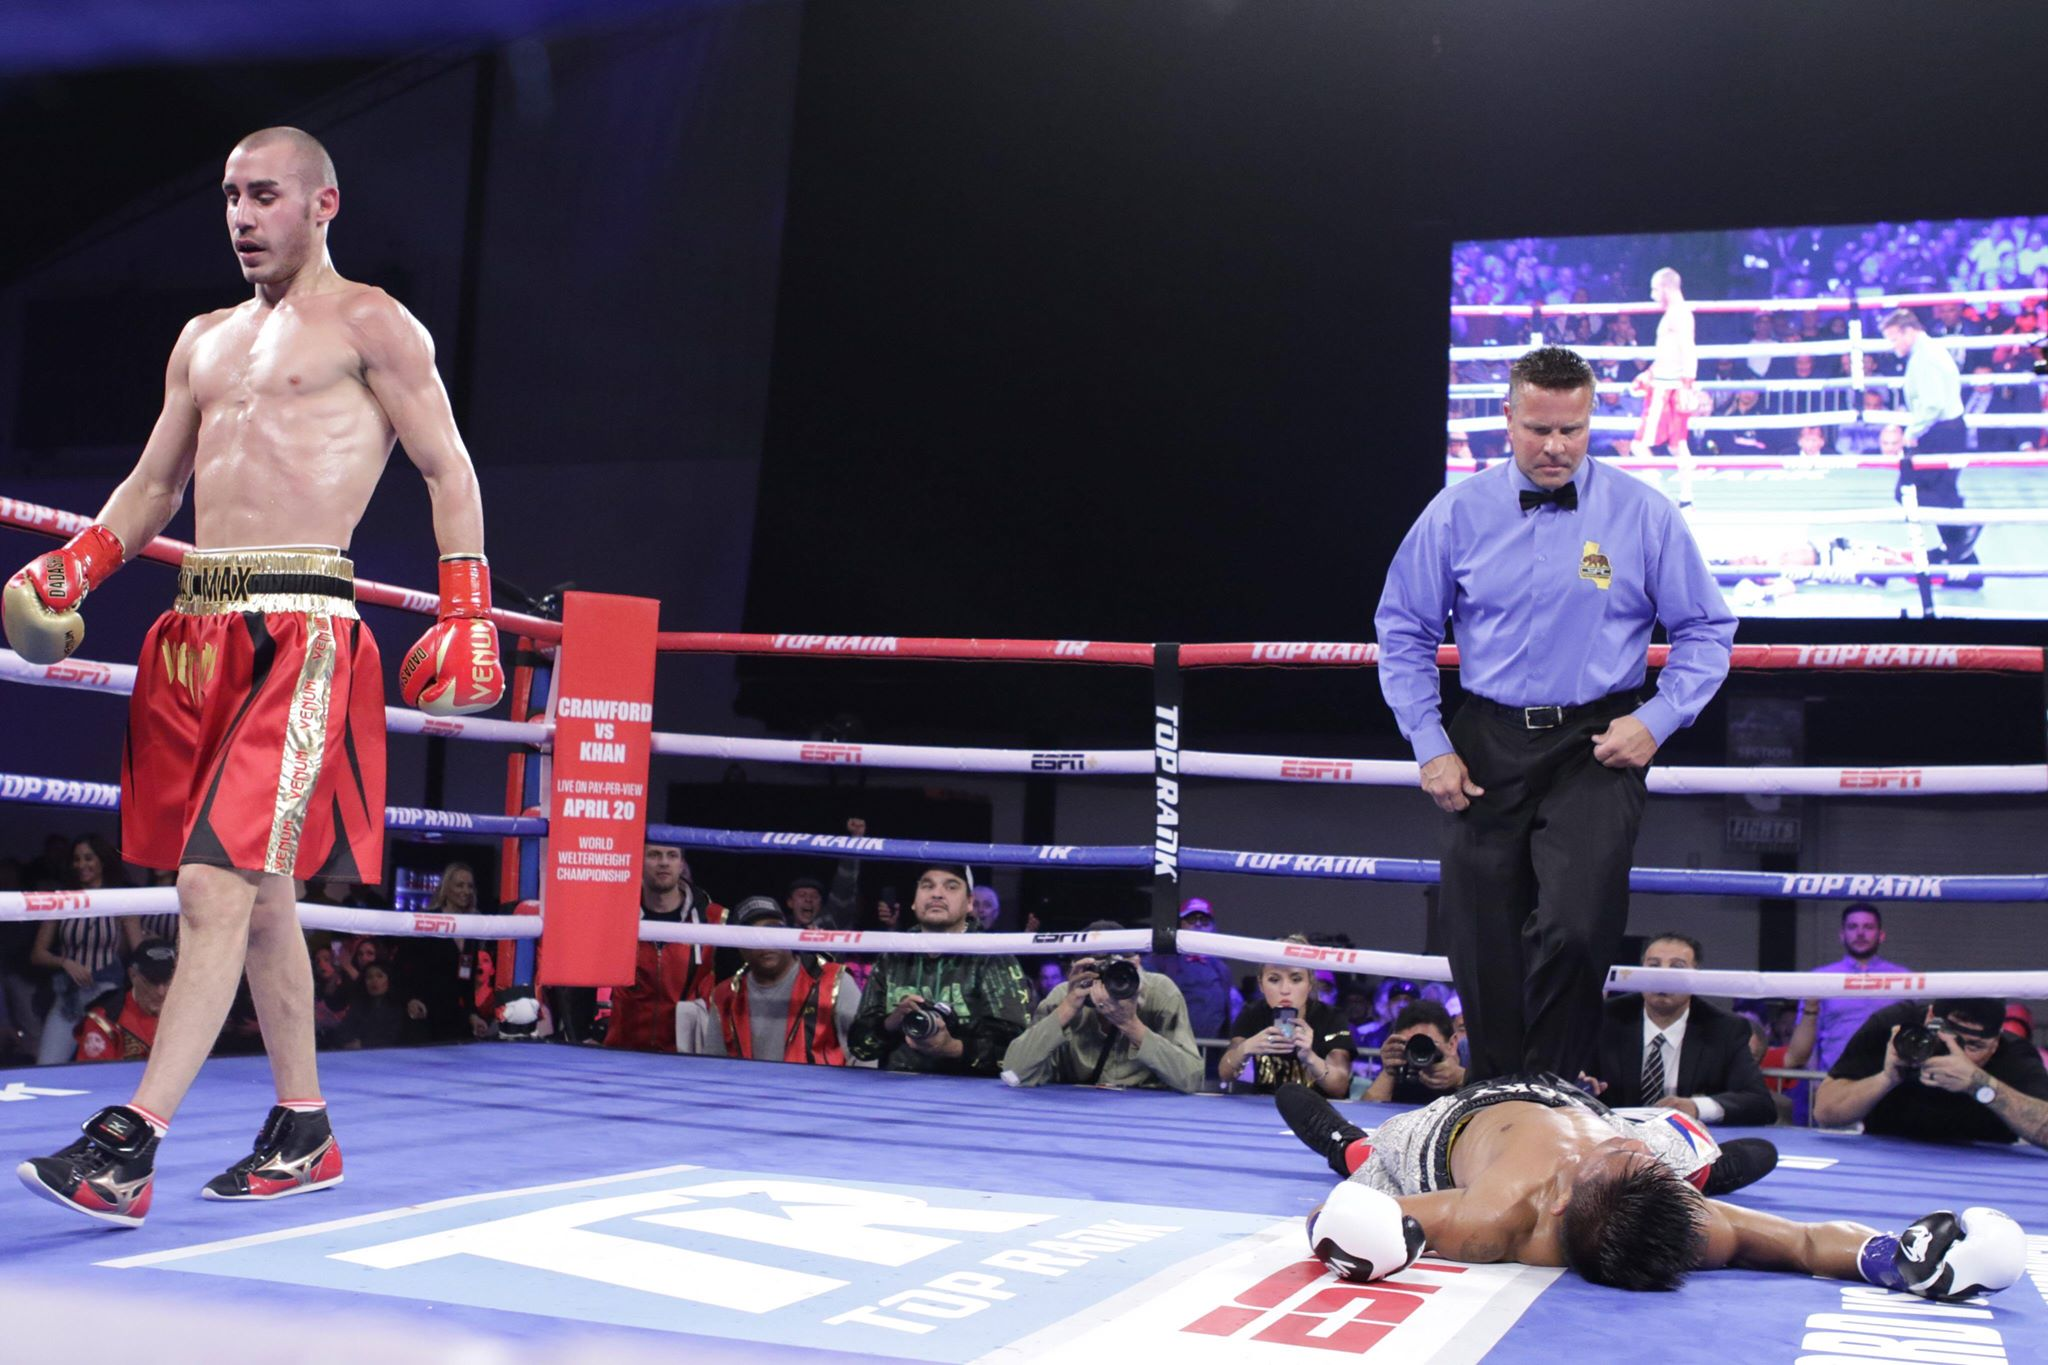 maxim dadashev ricky sismundo - Teofimo Lopez and Masayoshi Nakatani to clash on July 19